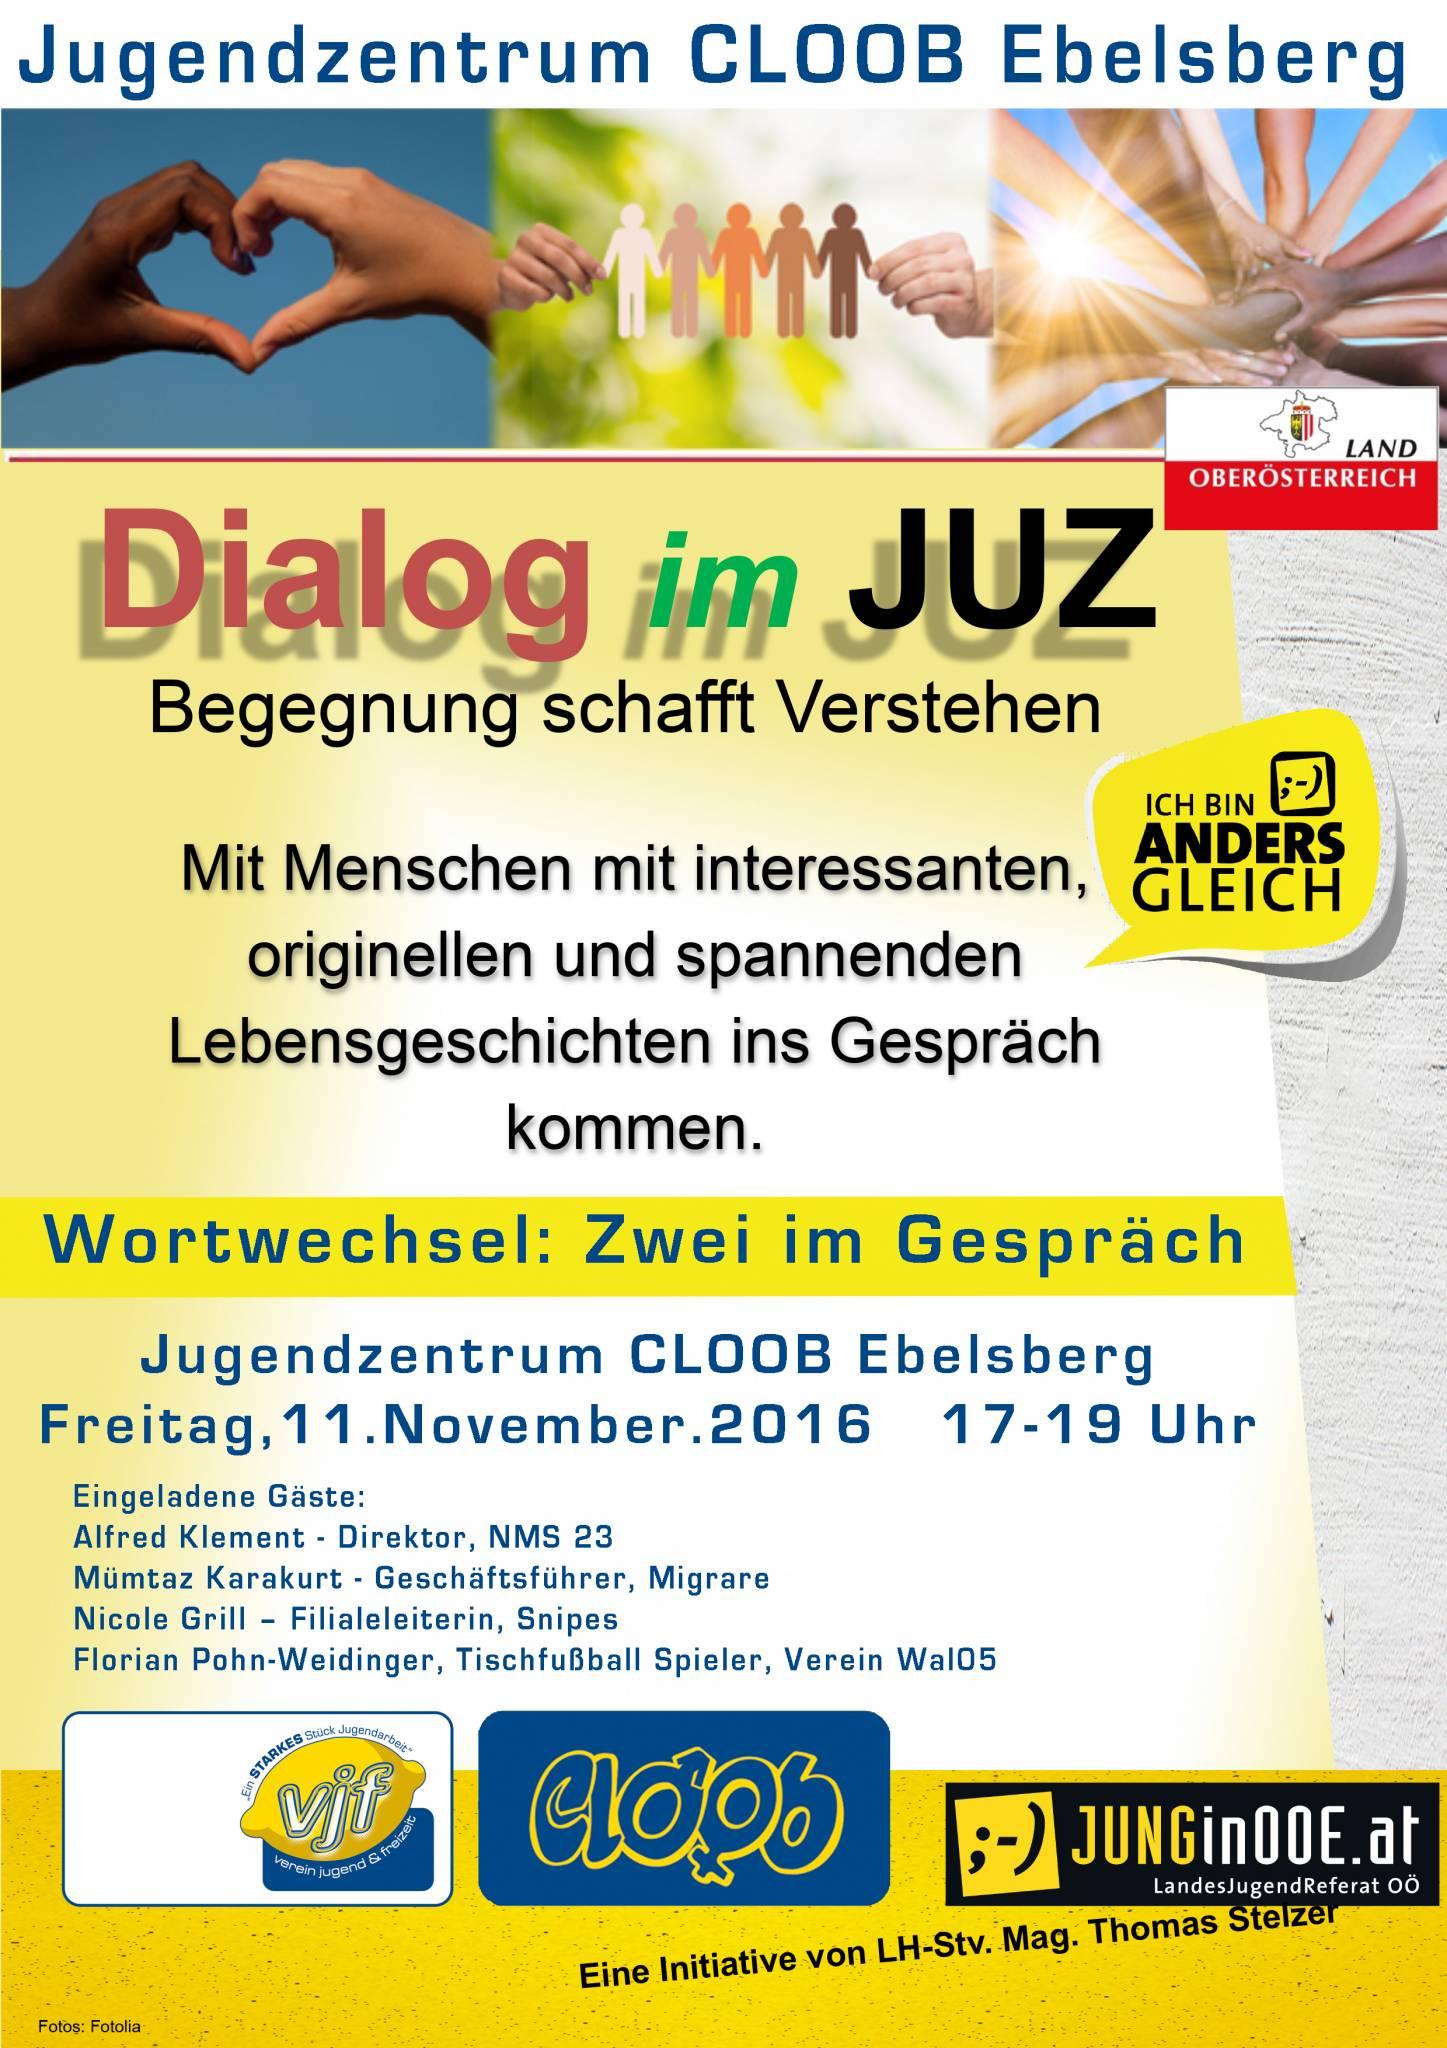 plakat_bewerbung_dialog_juz-1